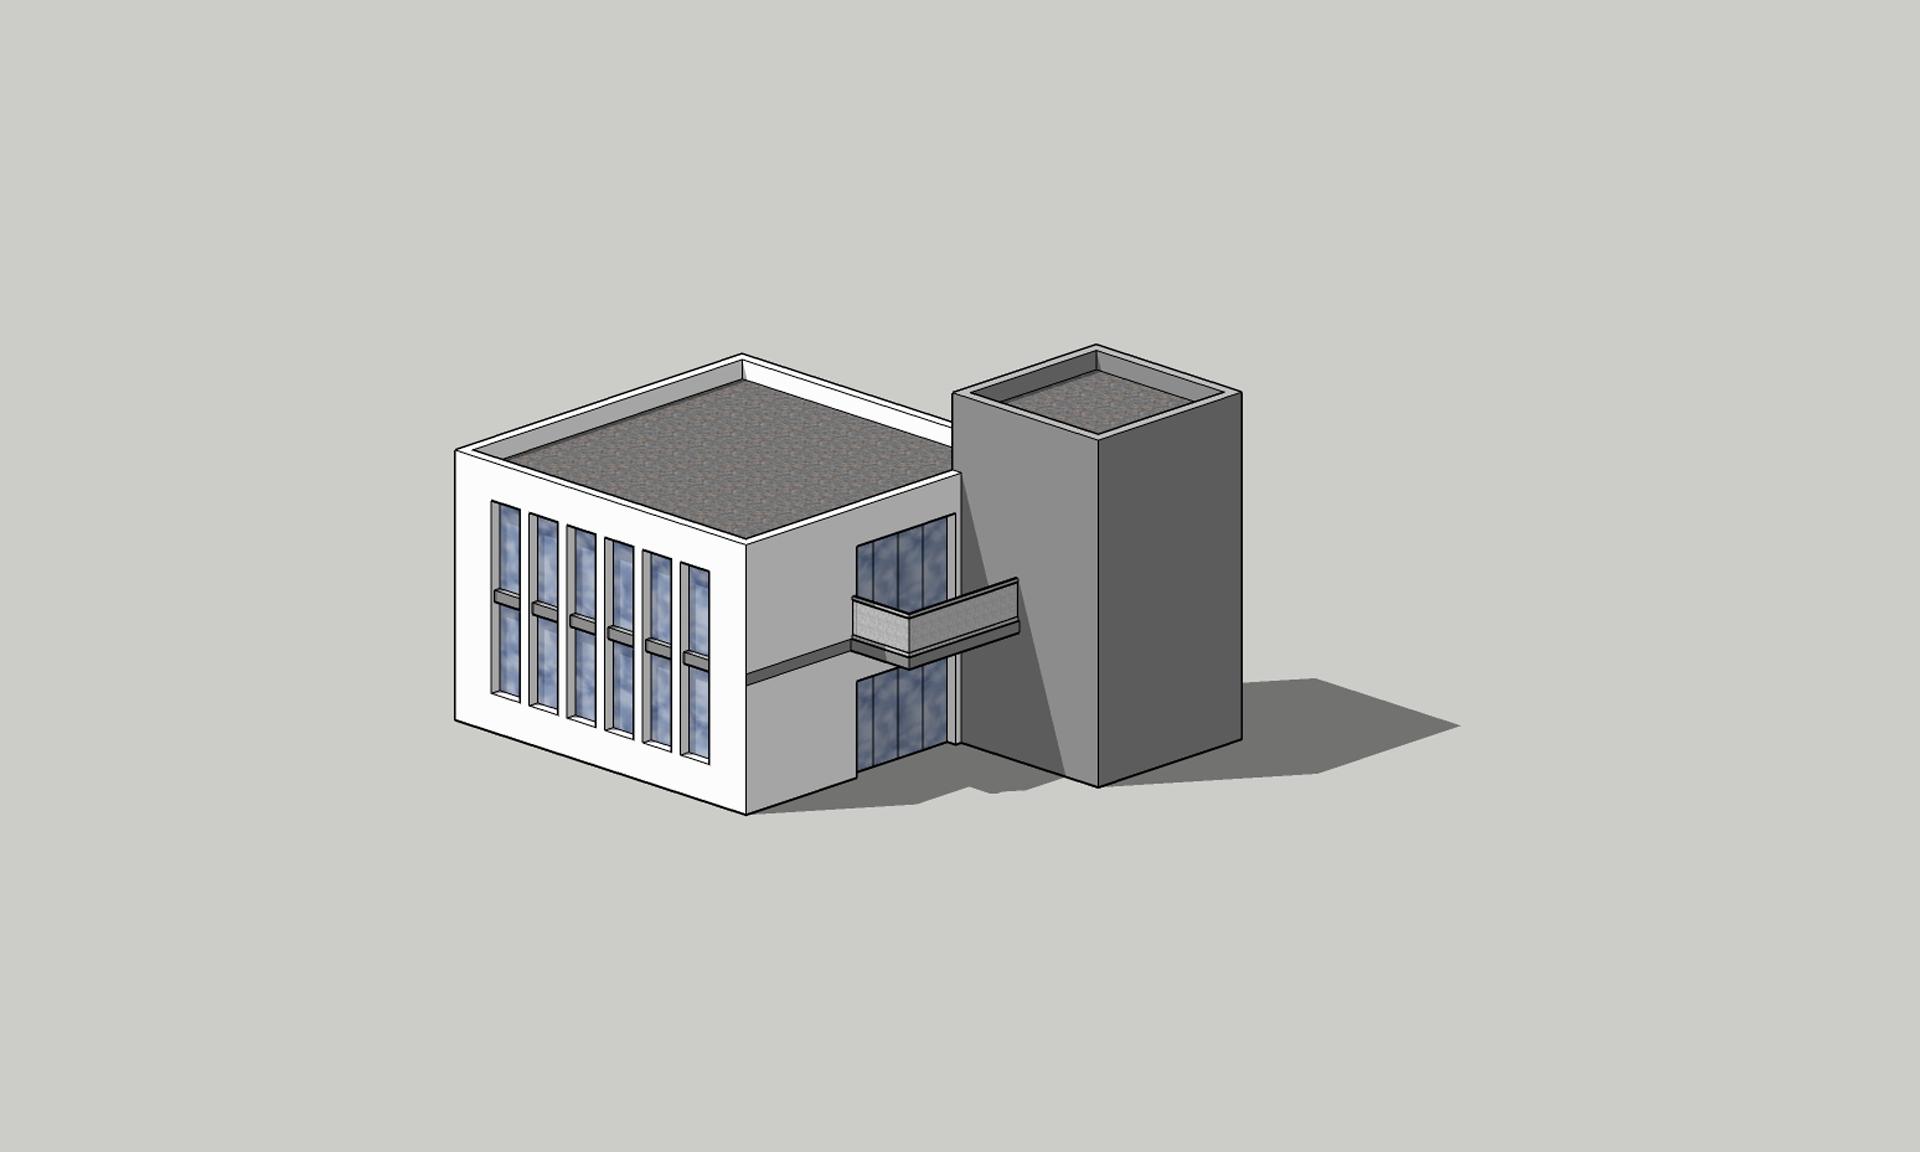 Ilustracja przedstawia budynek, złożony zdwóch brył, prostopadłościanów. Jest to przykłady bryły budynku narysowane wrzucie aksonometrycznym.